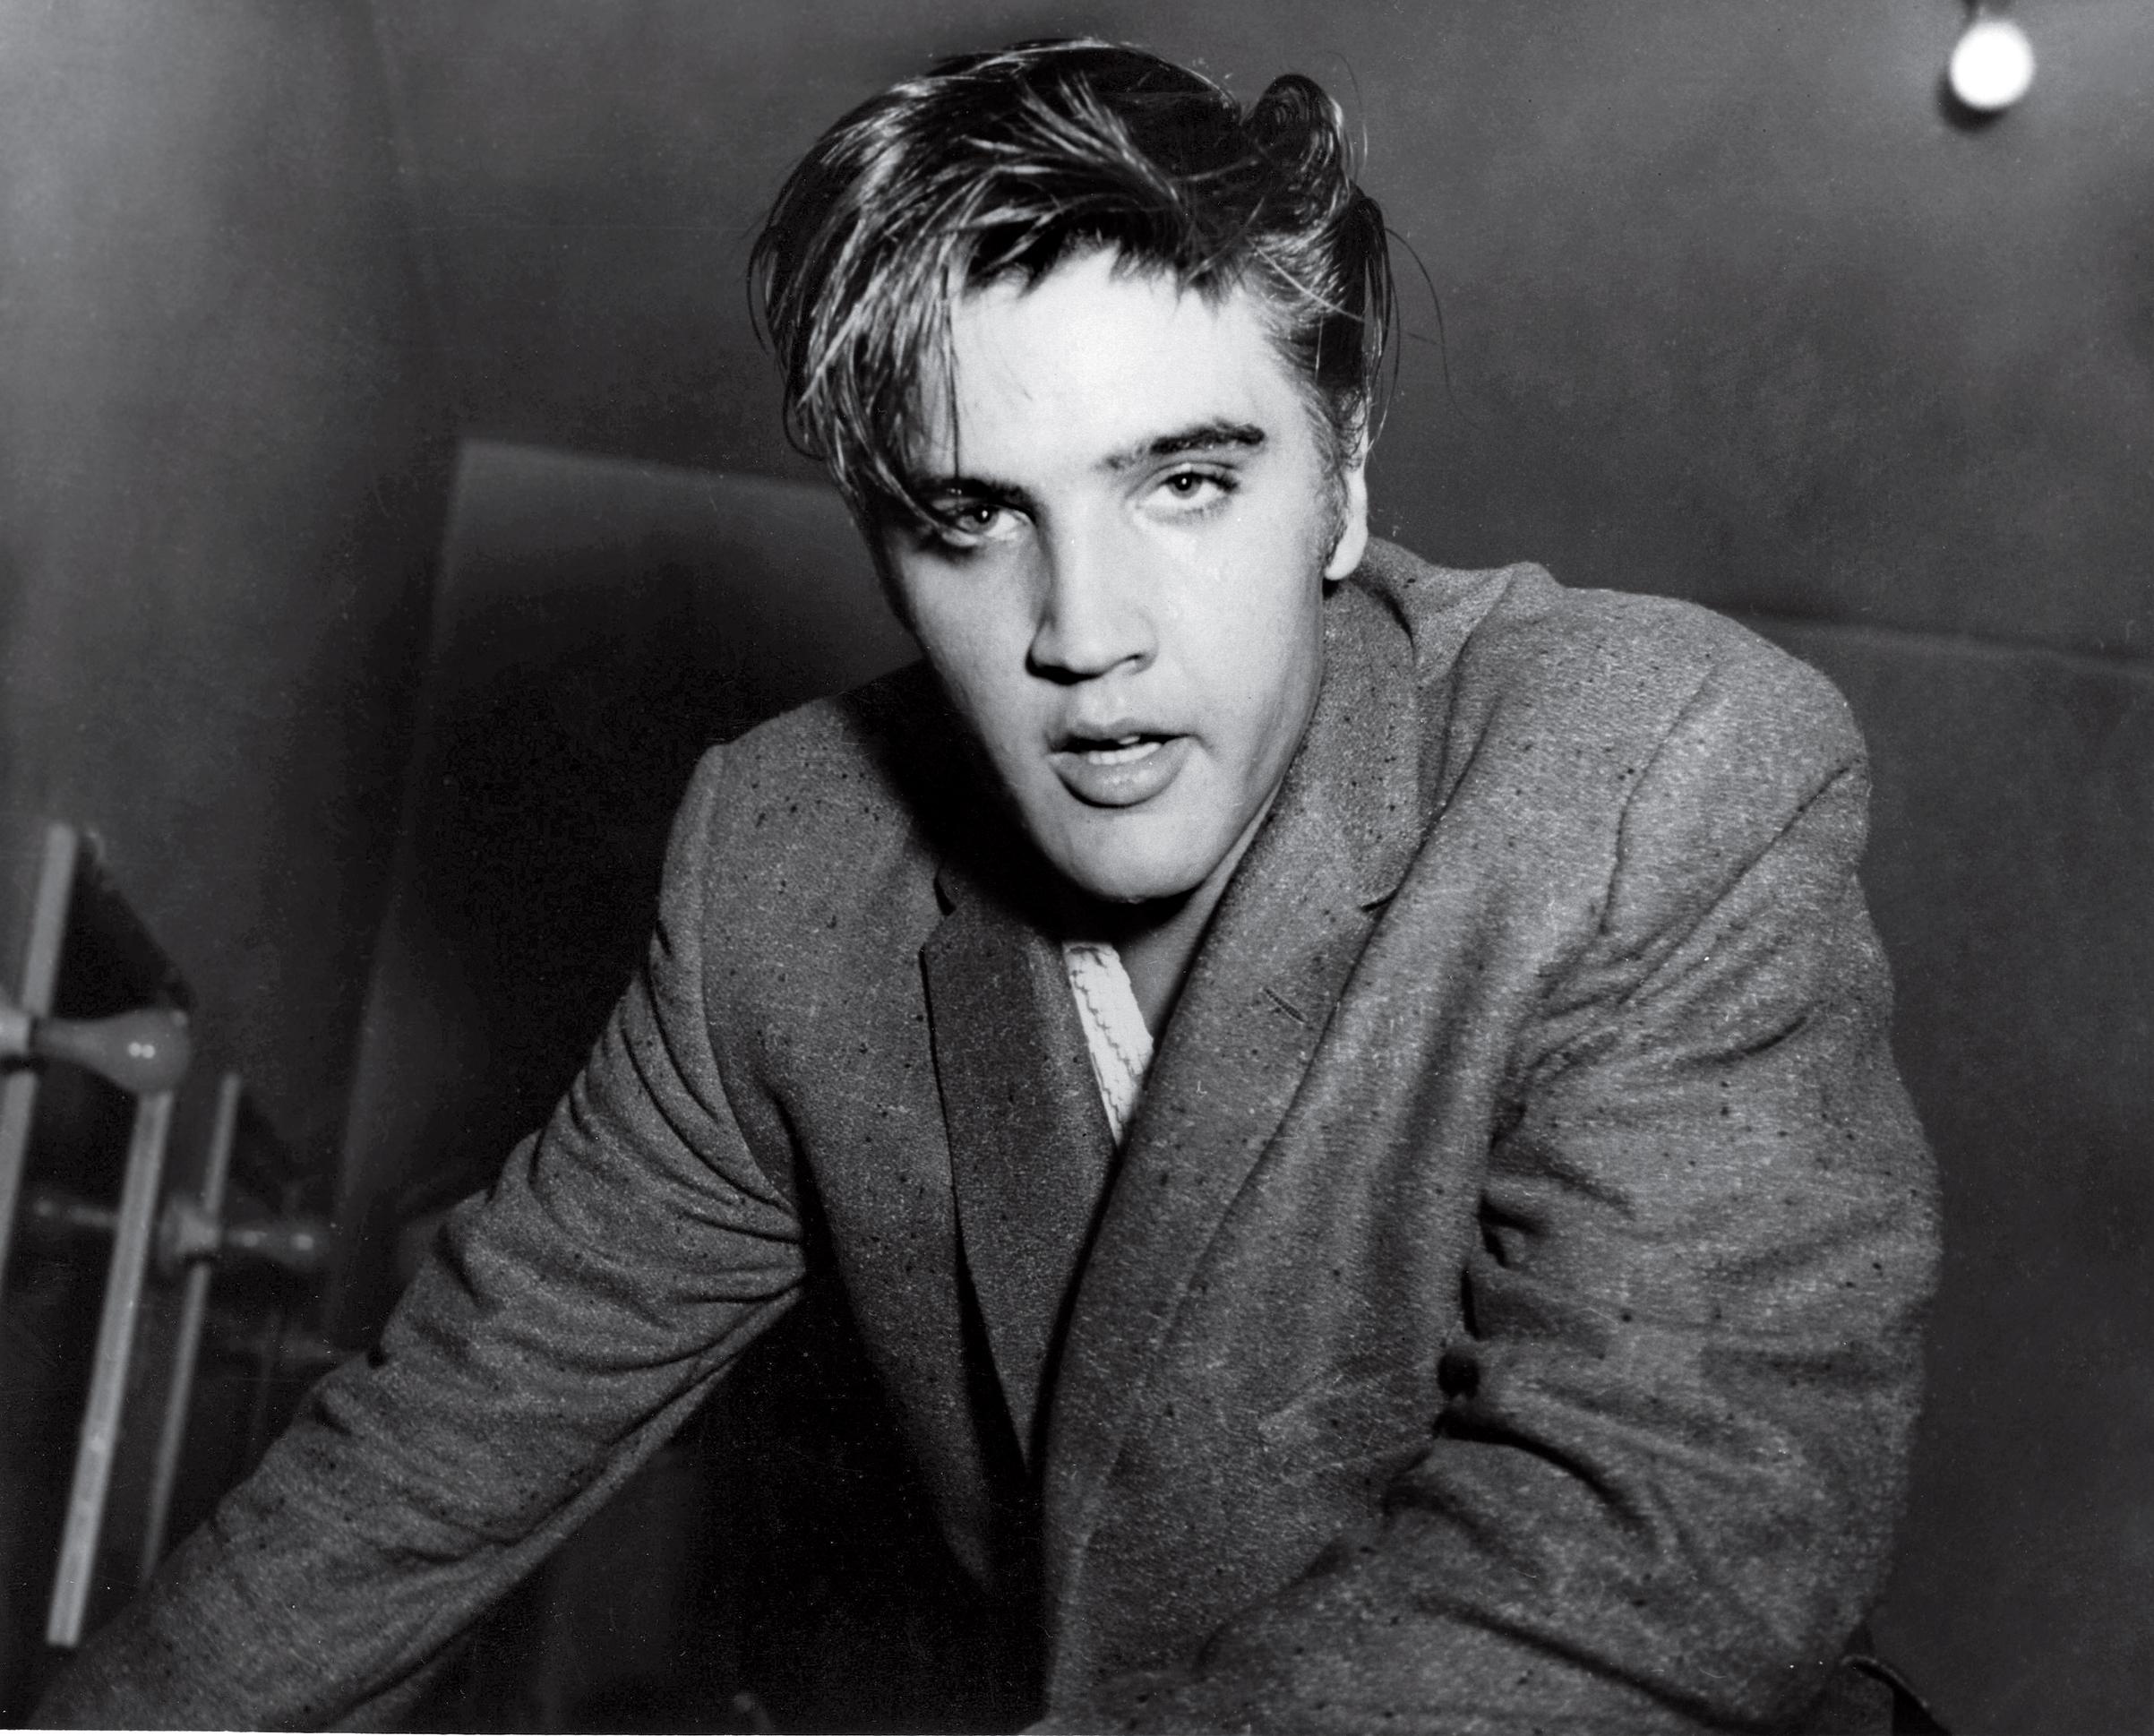 ۱۳. الویس پریسلی (Elvis Presley)